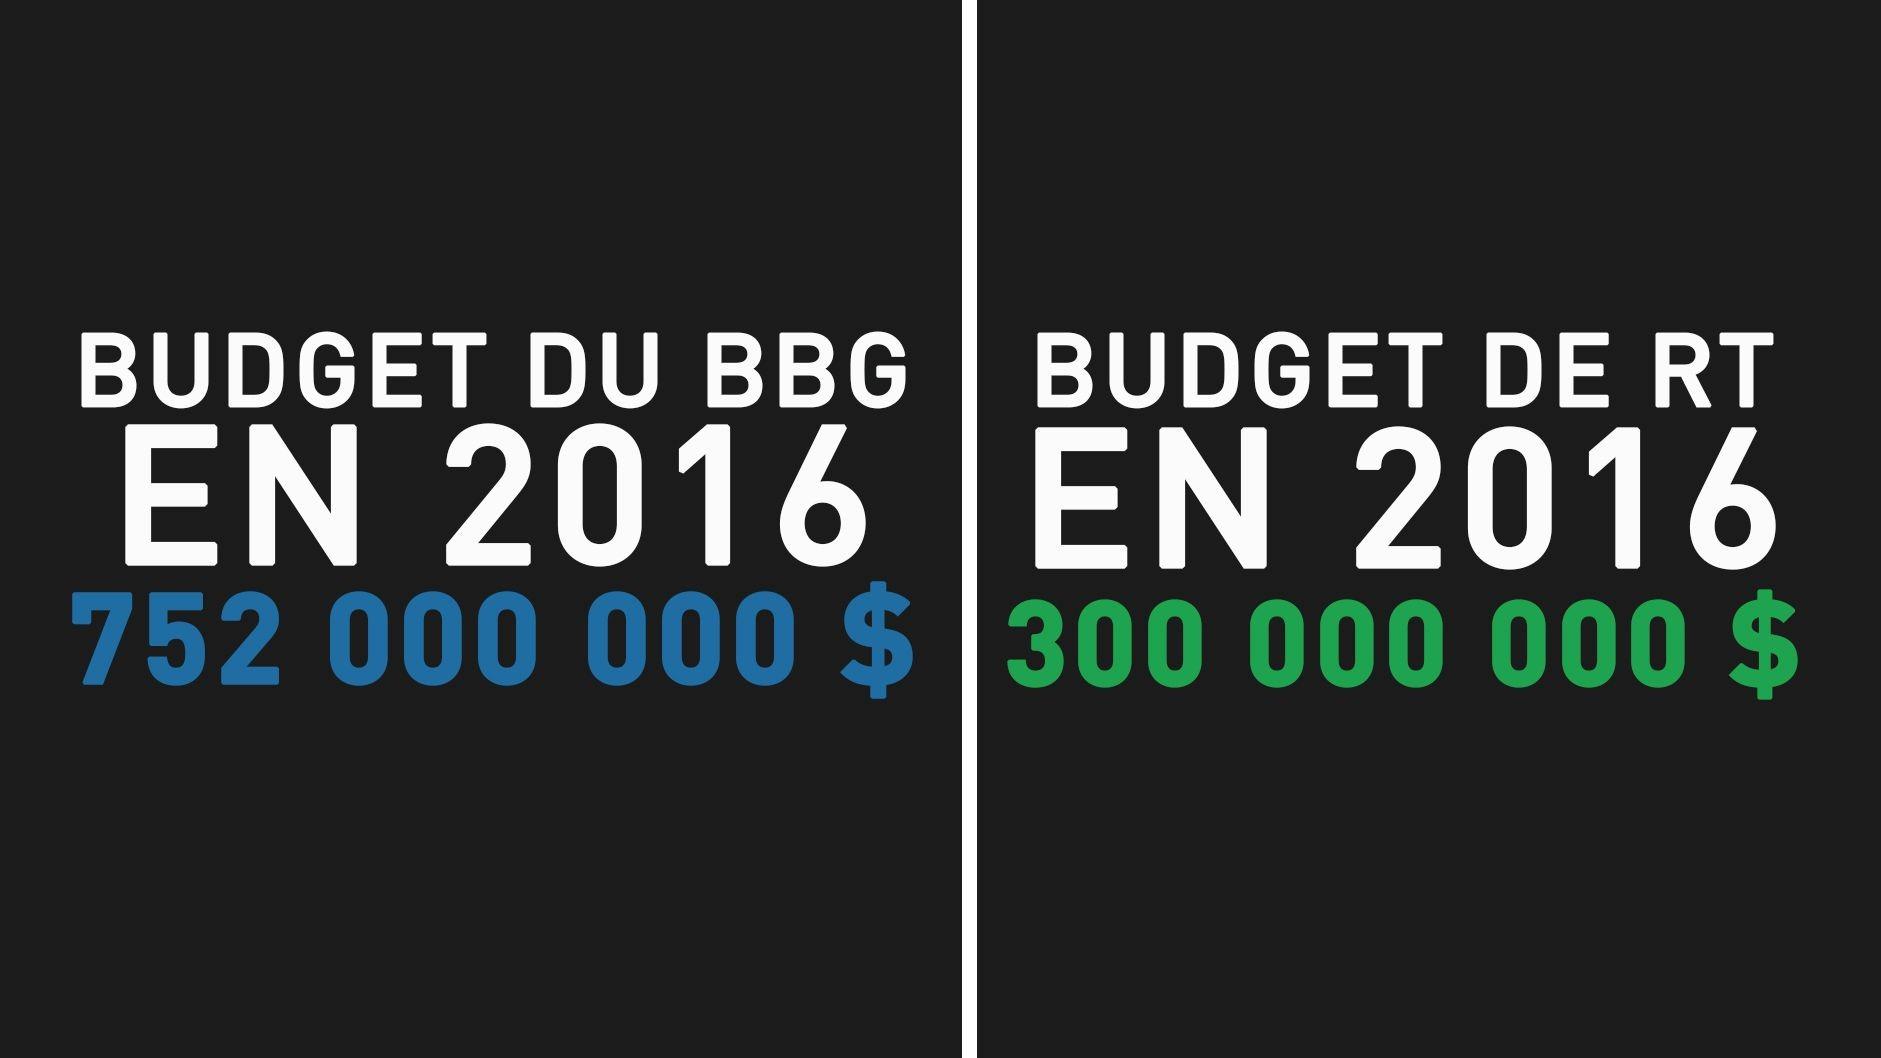 RT au menu du département d'Etat : qui dépense plus ?